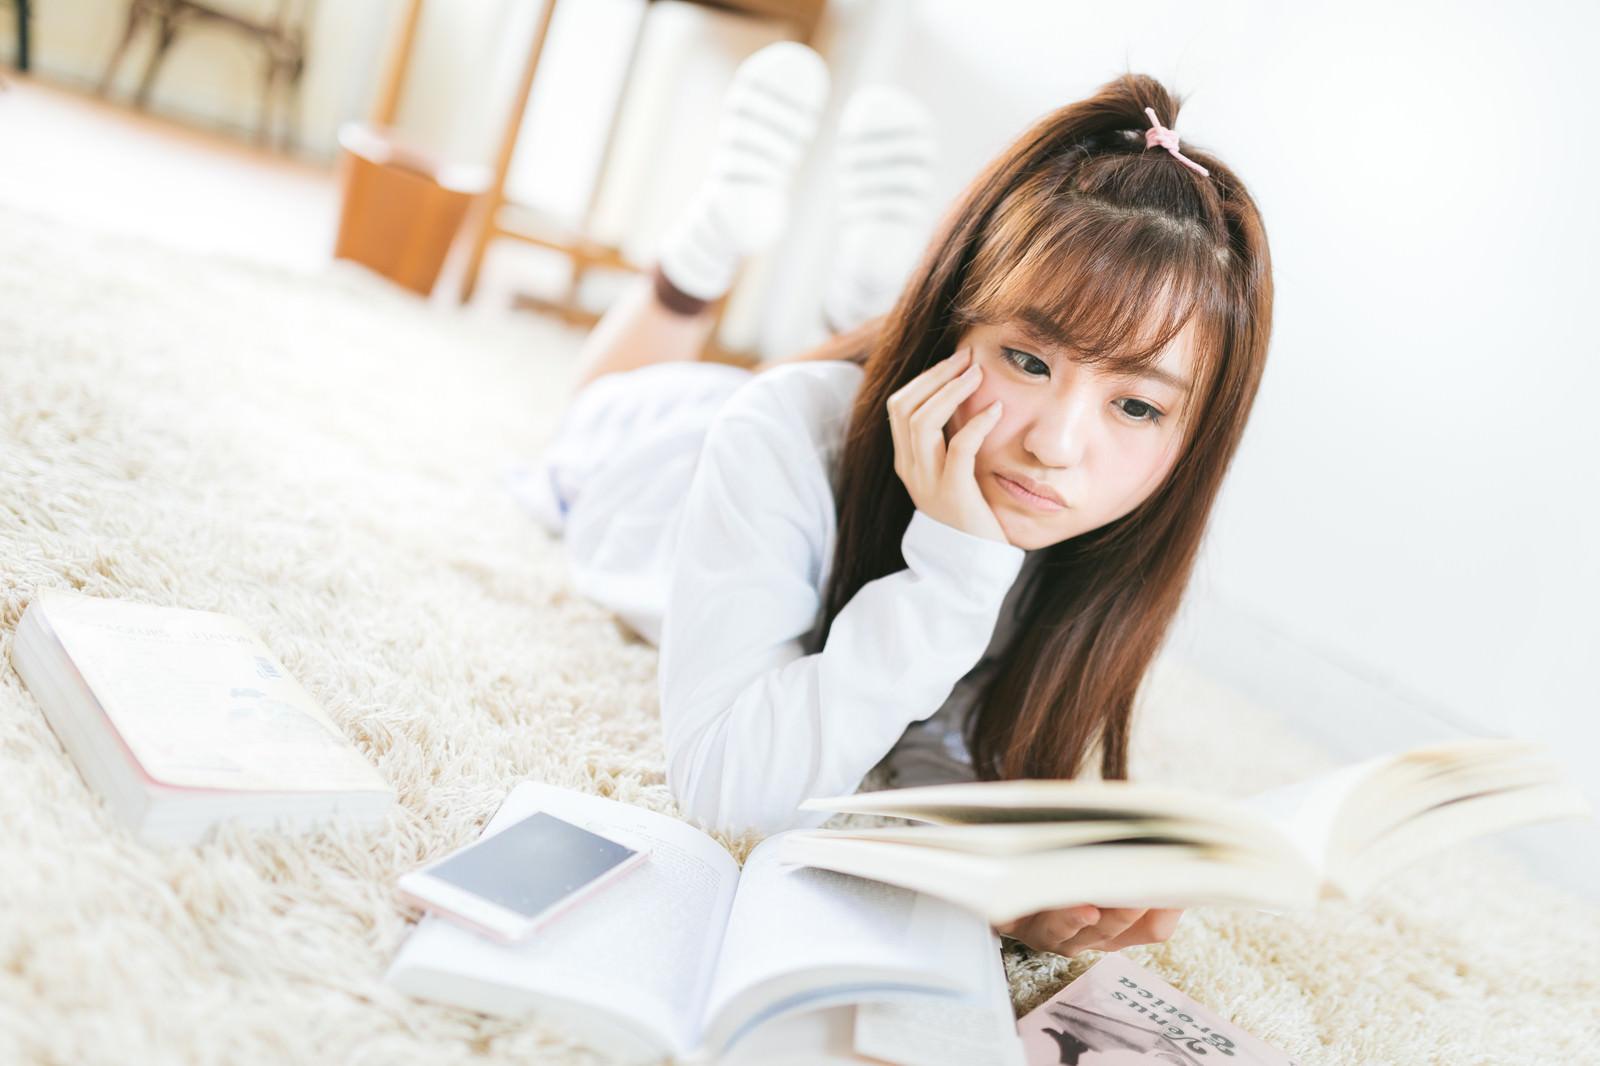 「部屋で課題の本を読む女子大生部屋で課題の本を読む女子大生」[モデル:河村友歌]のフリー写真素材を拡大